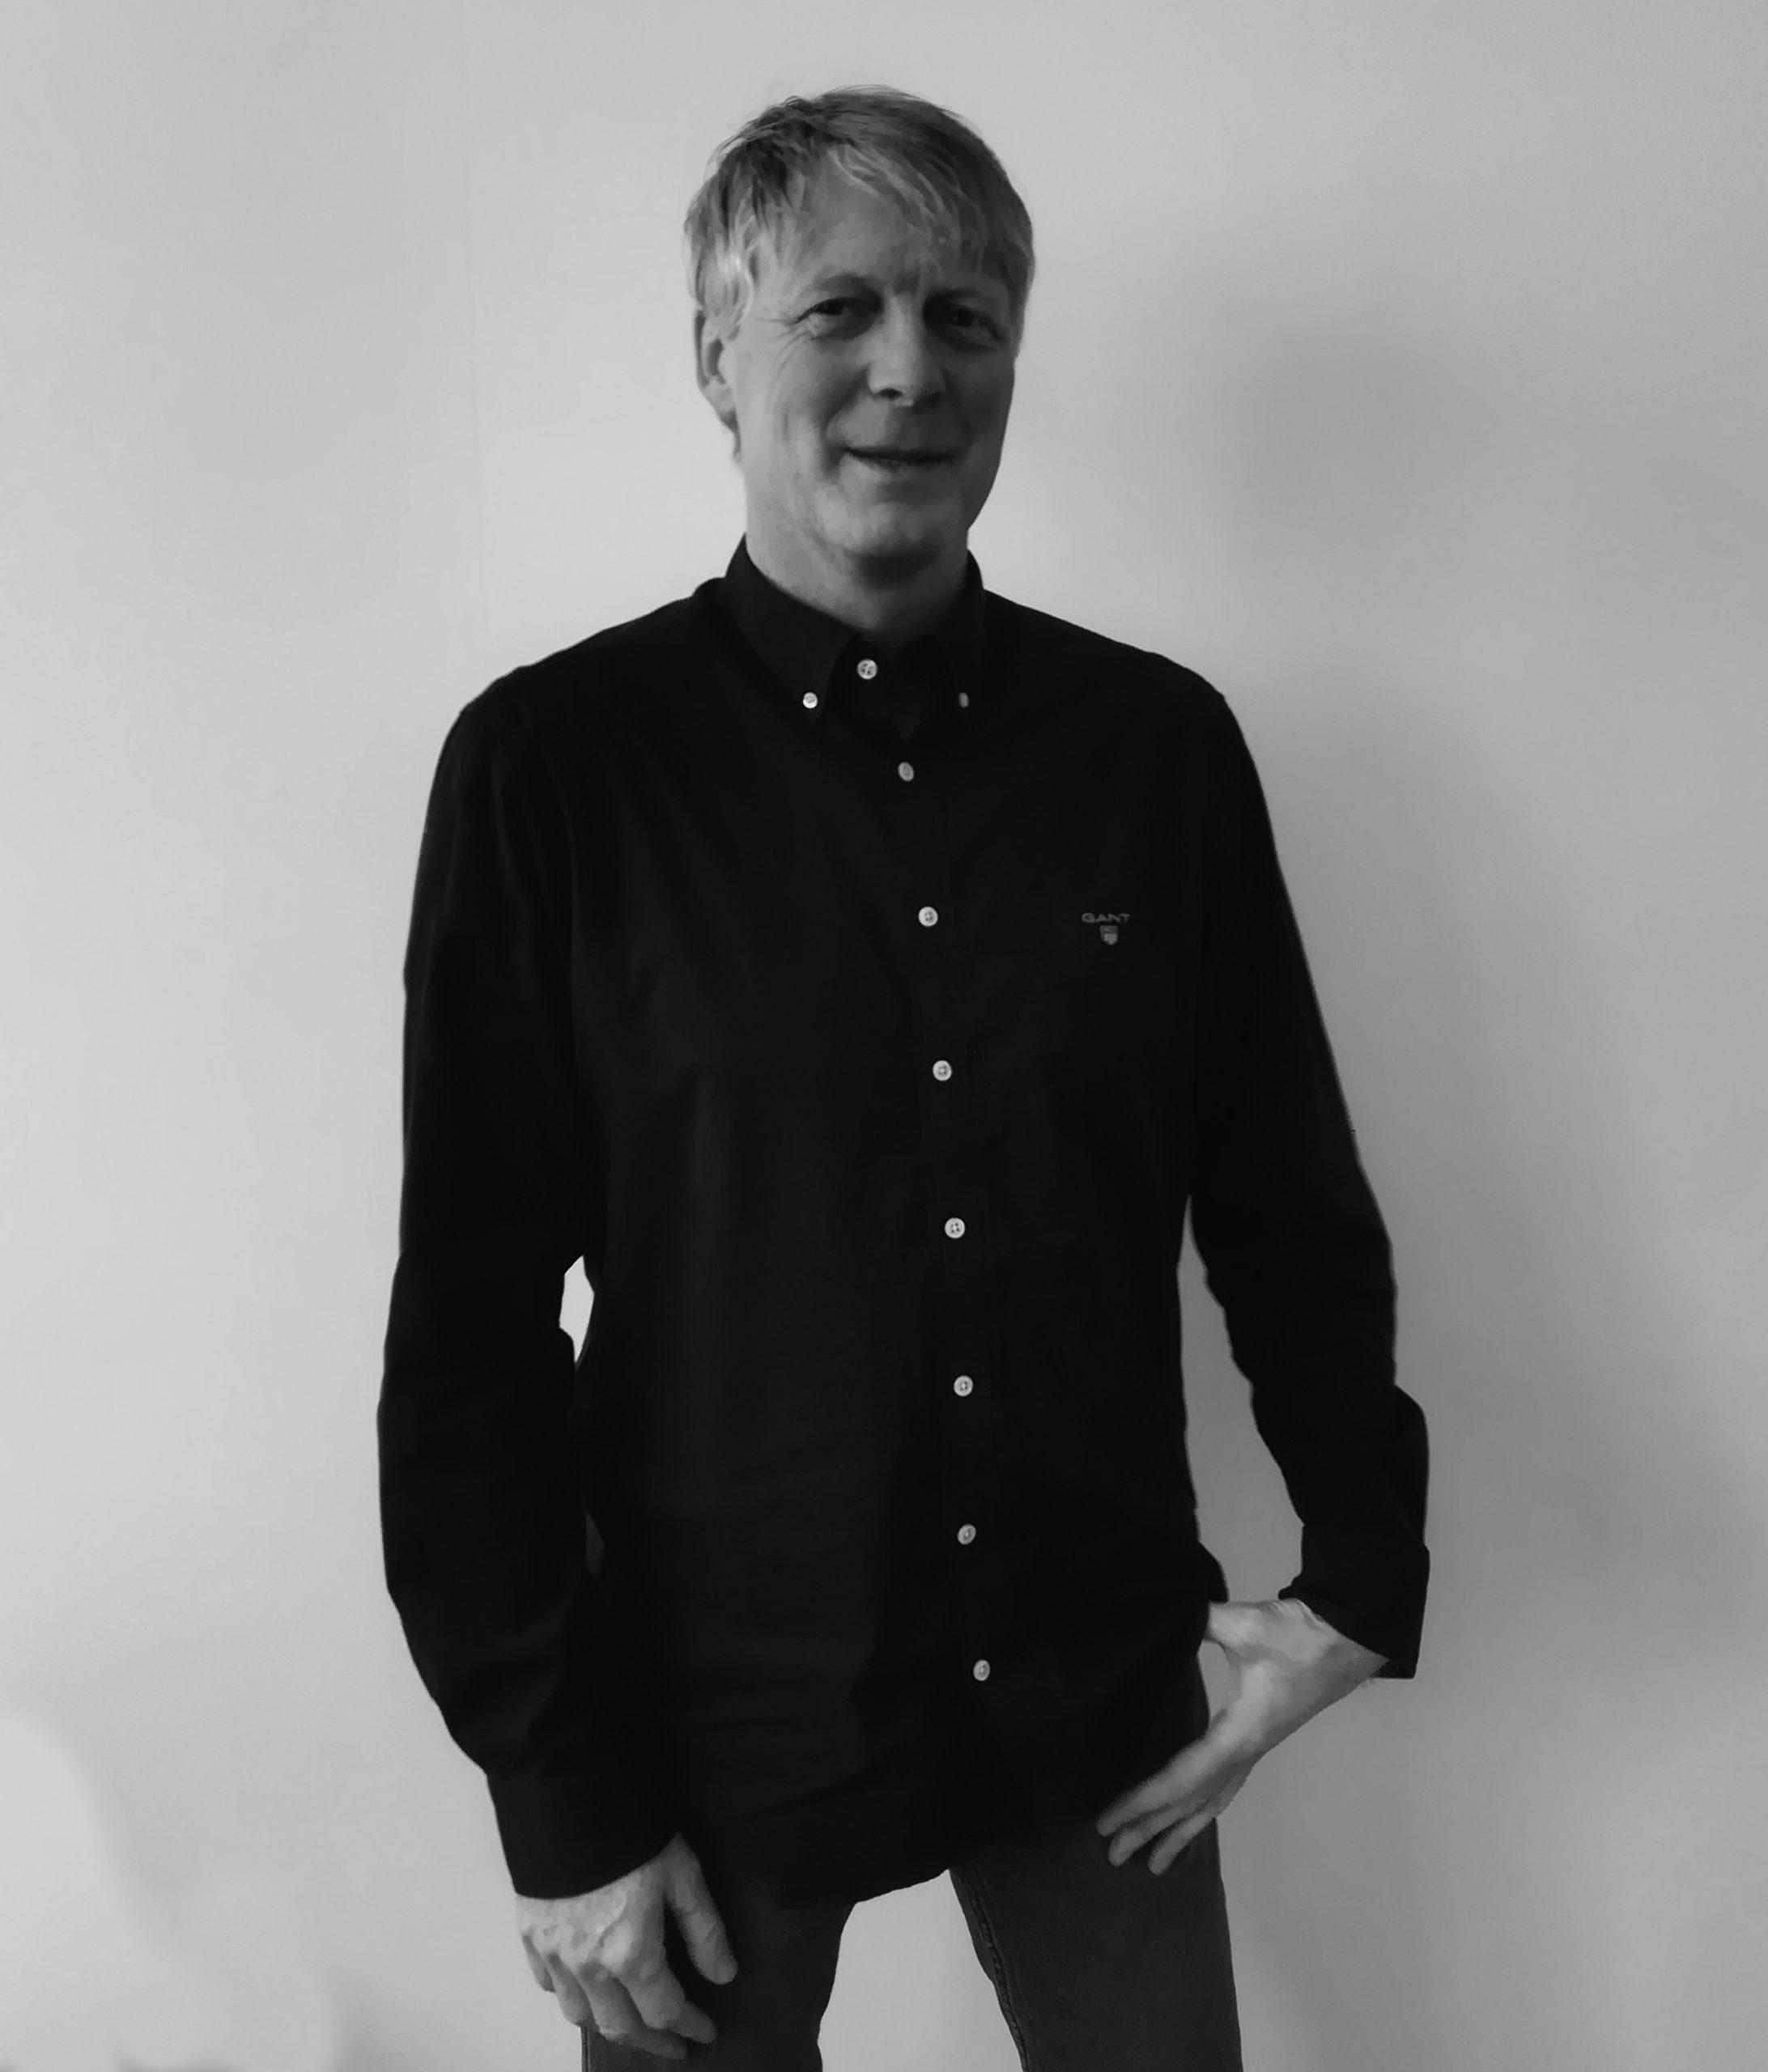 Einar Sjøvaag